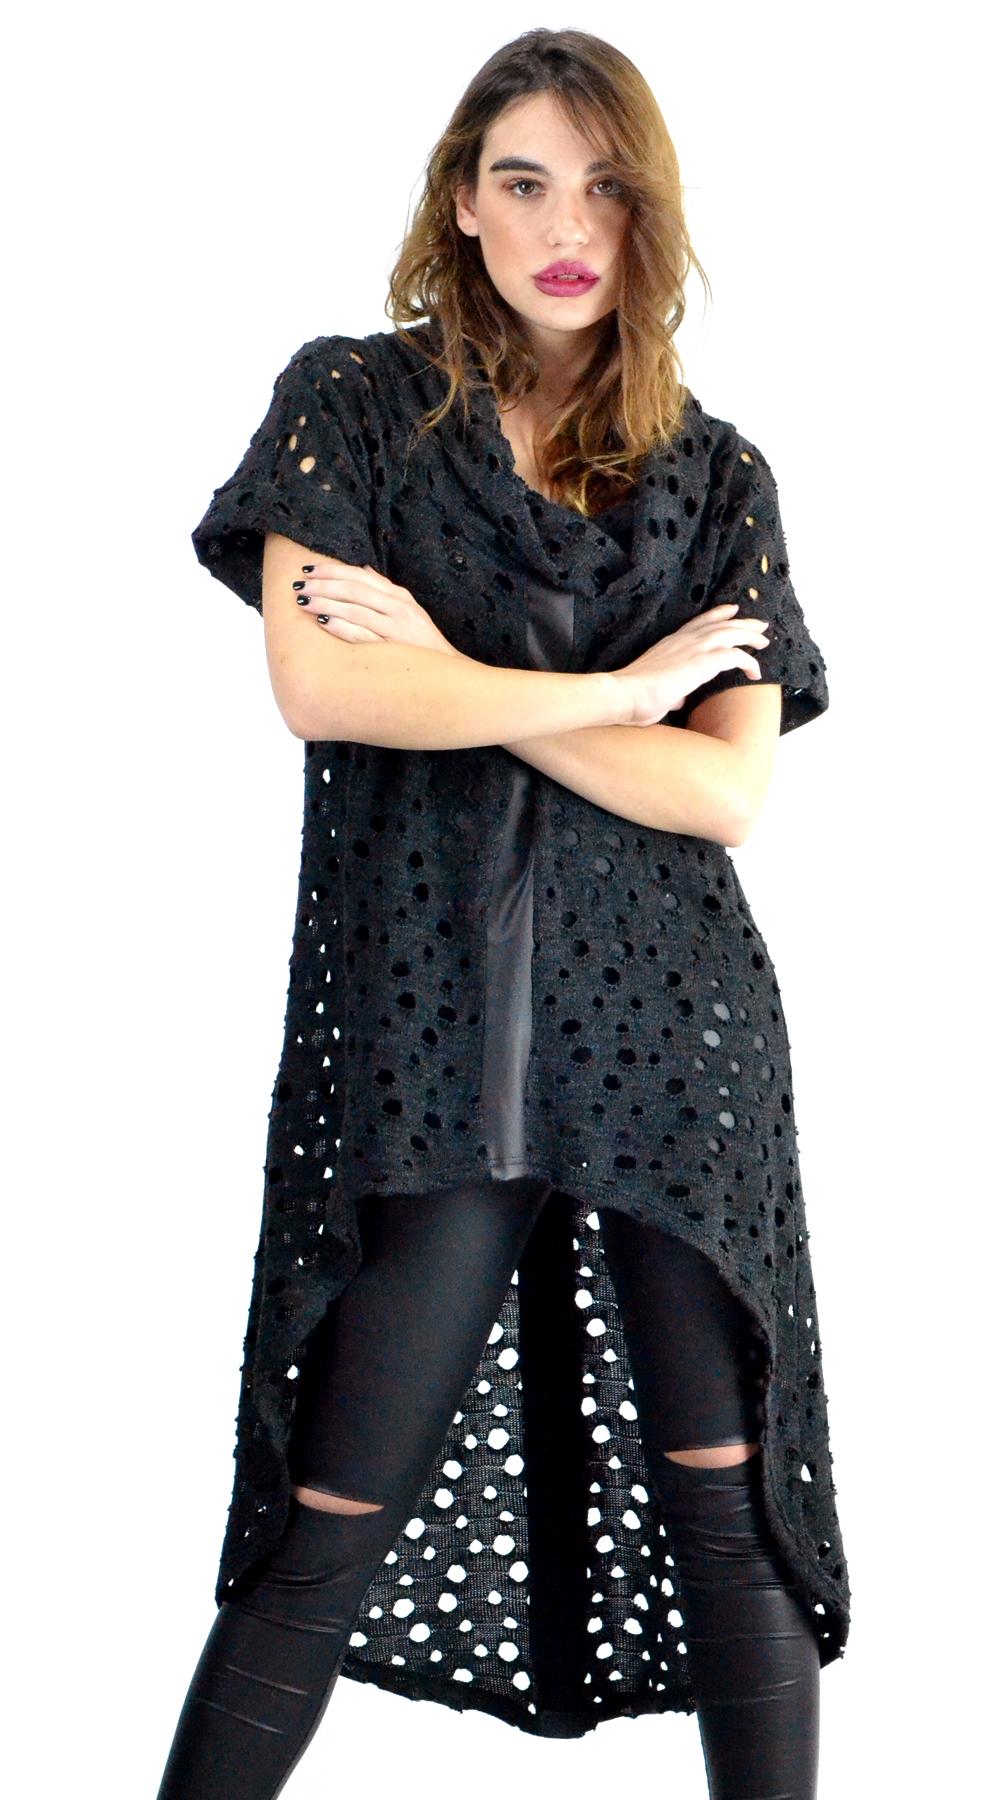 Γυναικείο τρυπητό ασύμμετρο τοπ με χαλαρό ζιβάγκο Online - ONLINE - W18ON-11545 μπλούζες   t shirts elegant tops